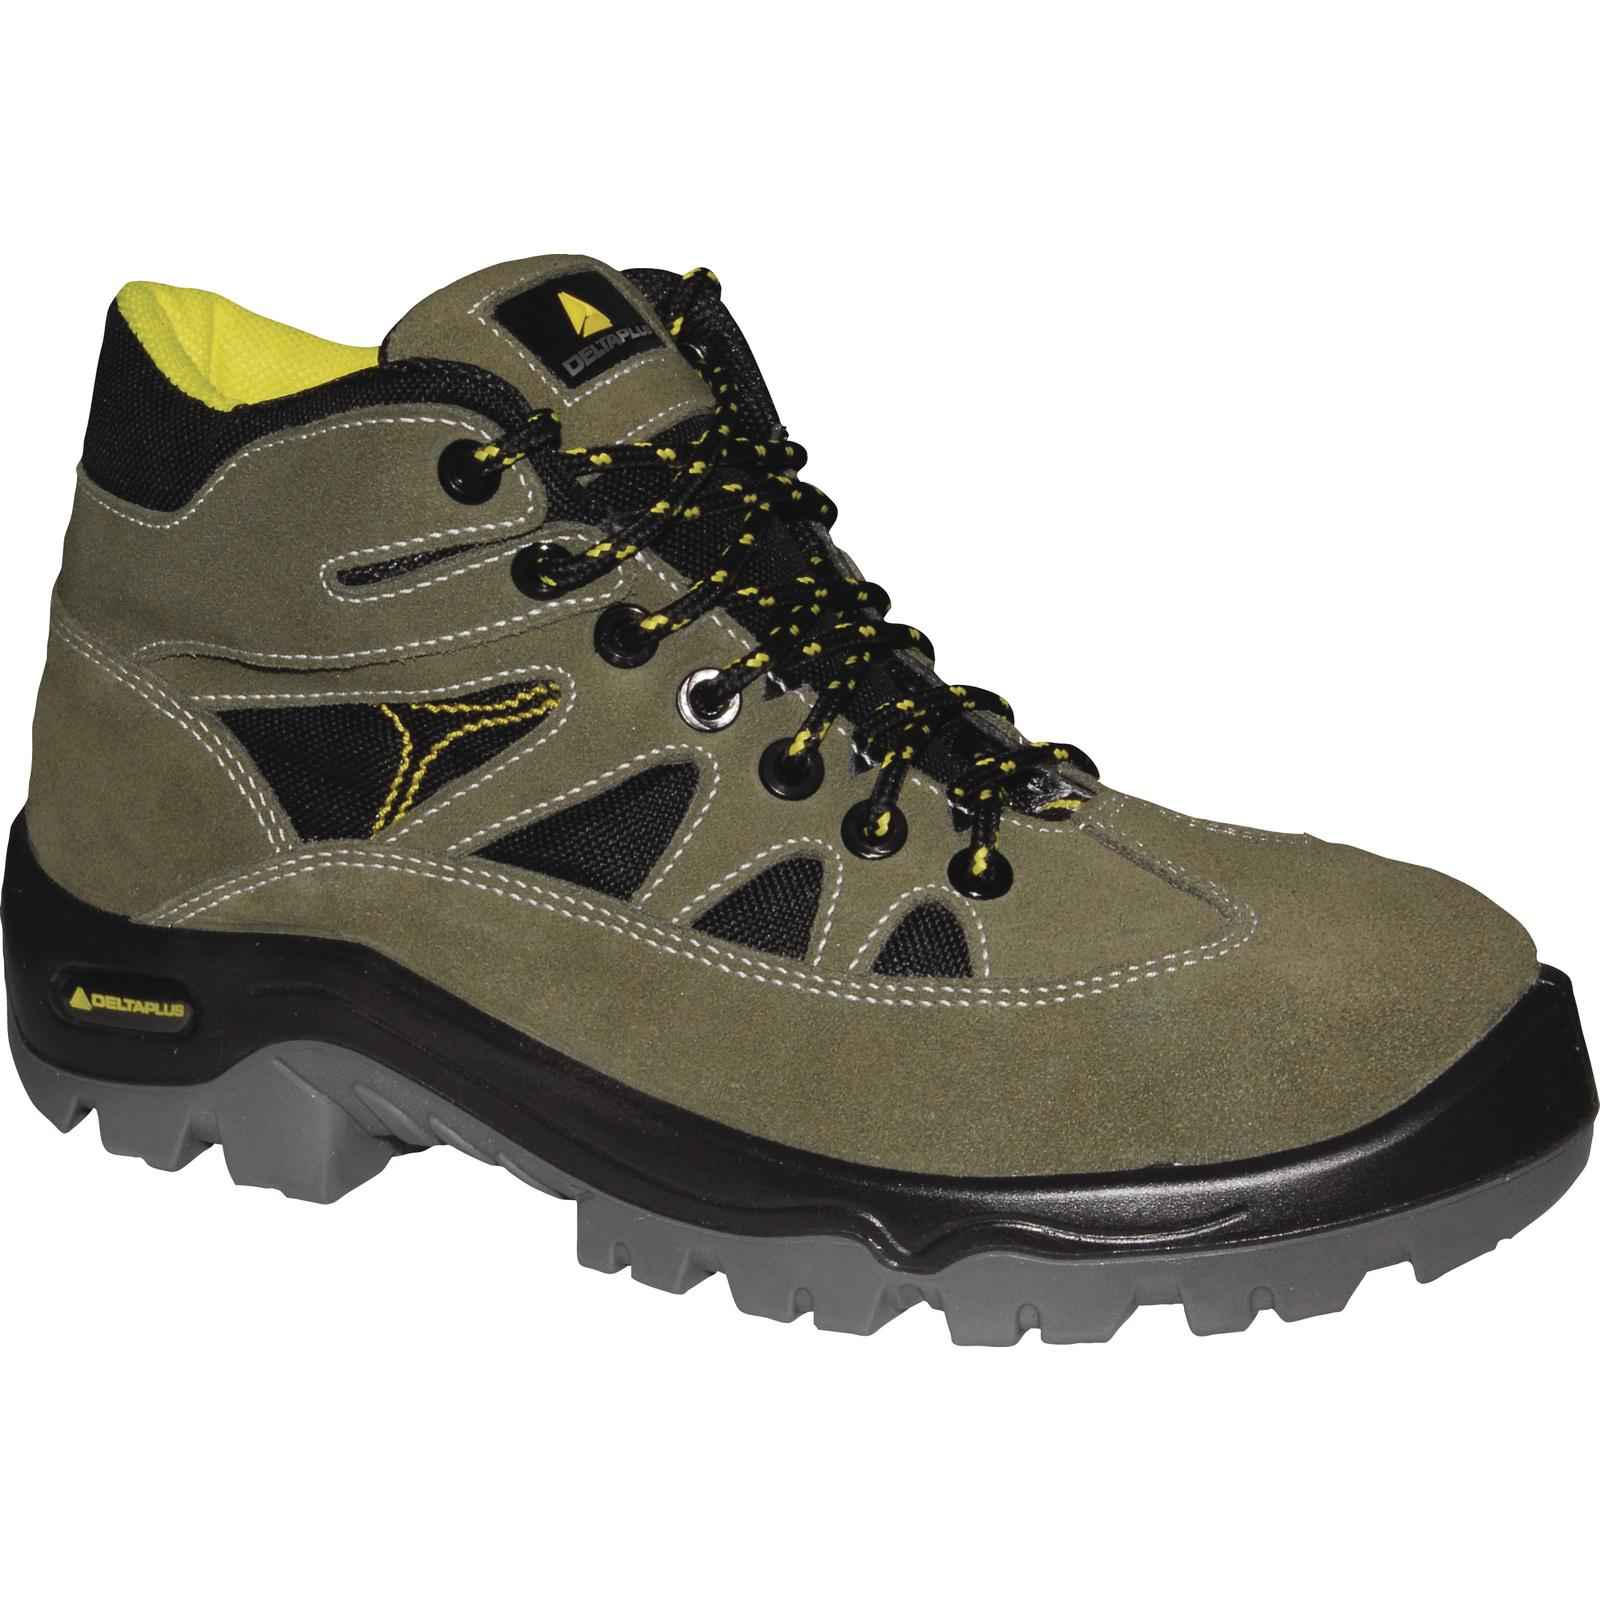 7a85d1835d8 AURIBEAU3 S1P SRC obuv